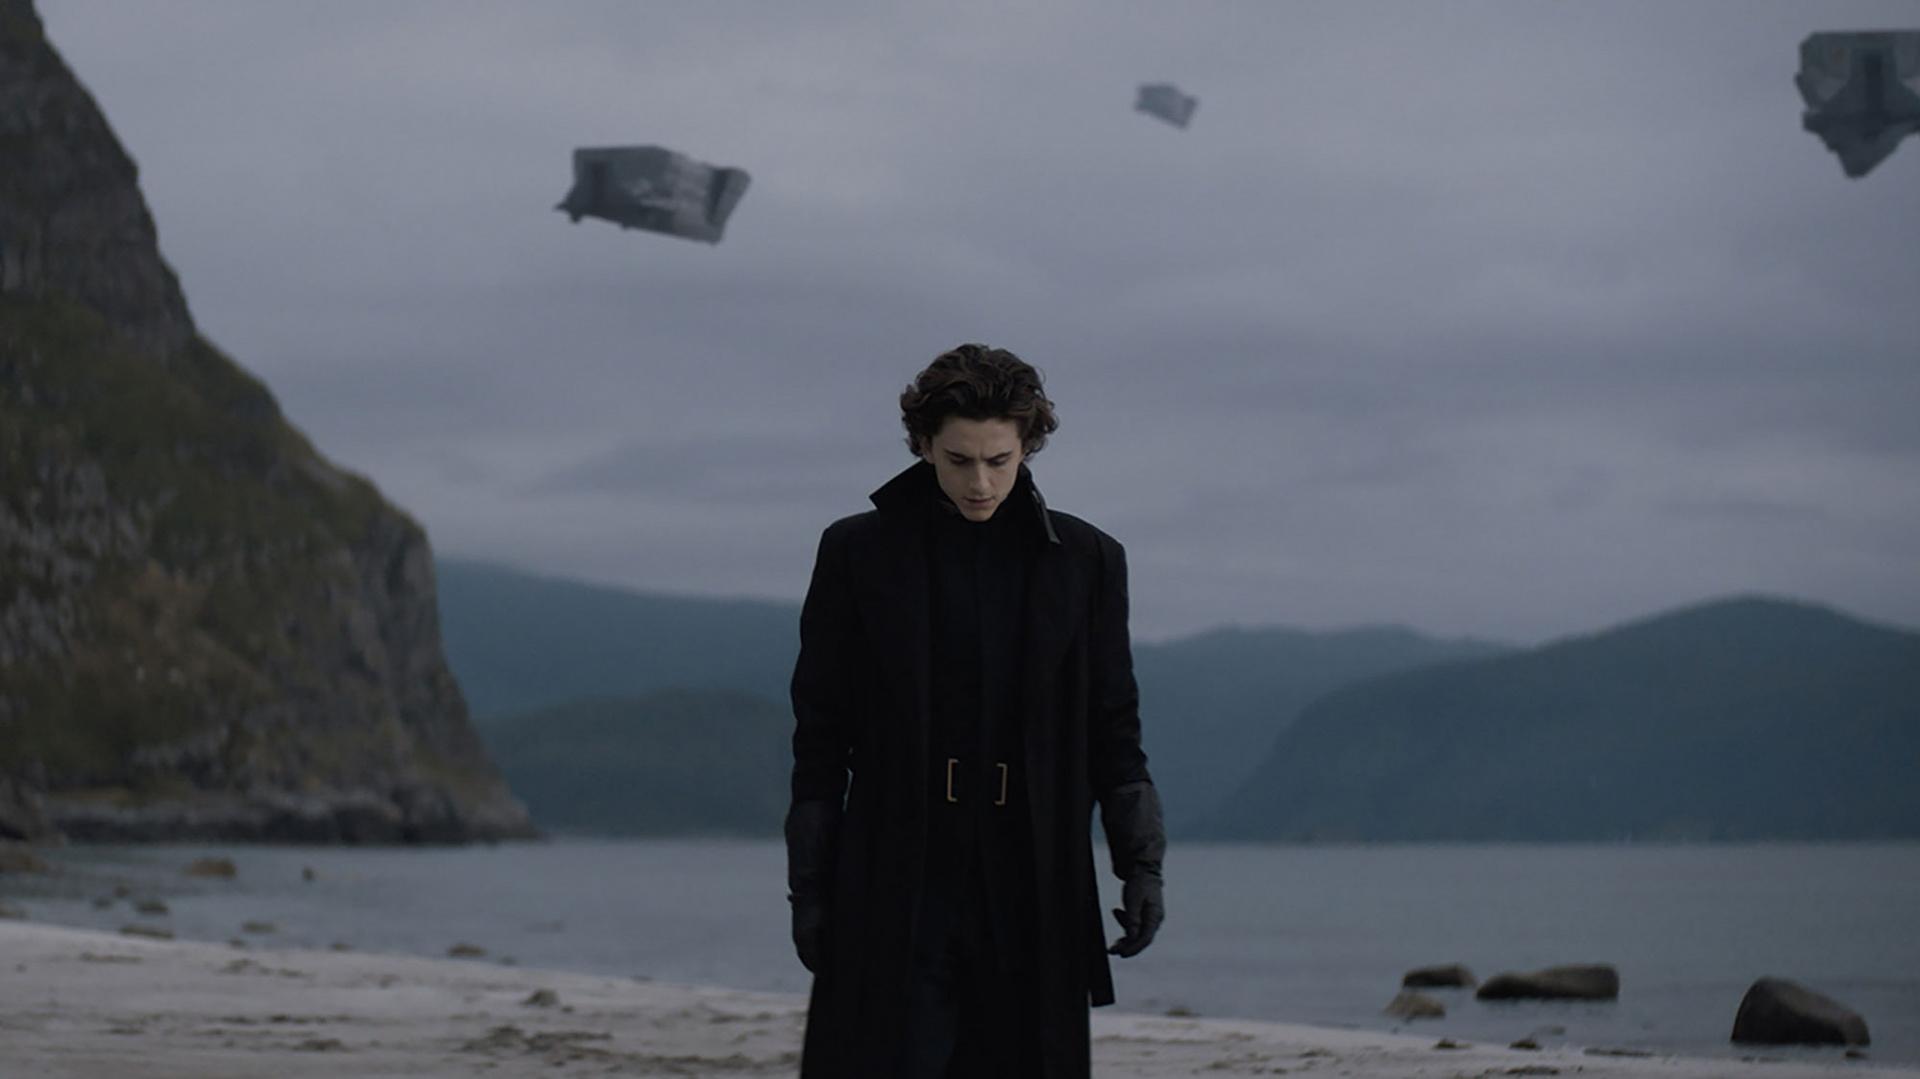 Сценарист «Дюны» подтвердил, что фильм адаптирует половину книги